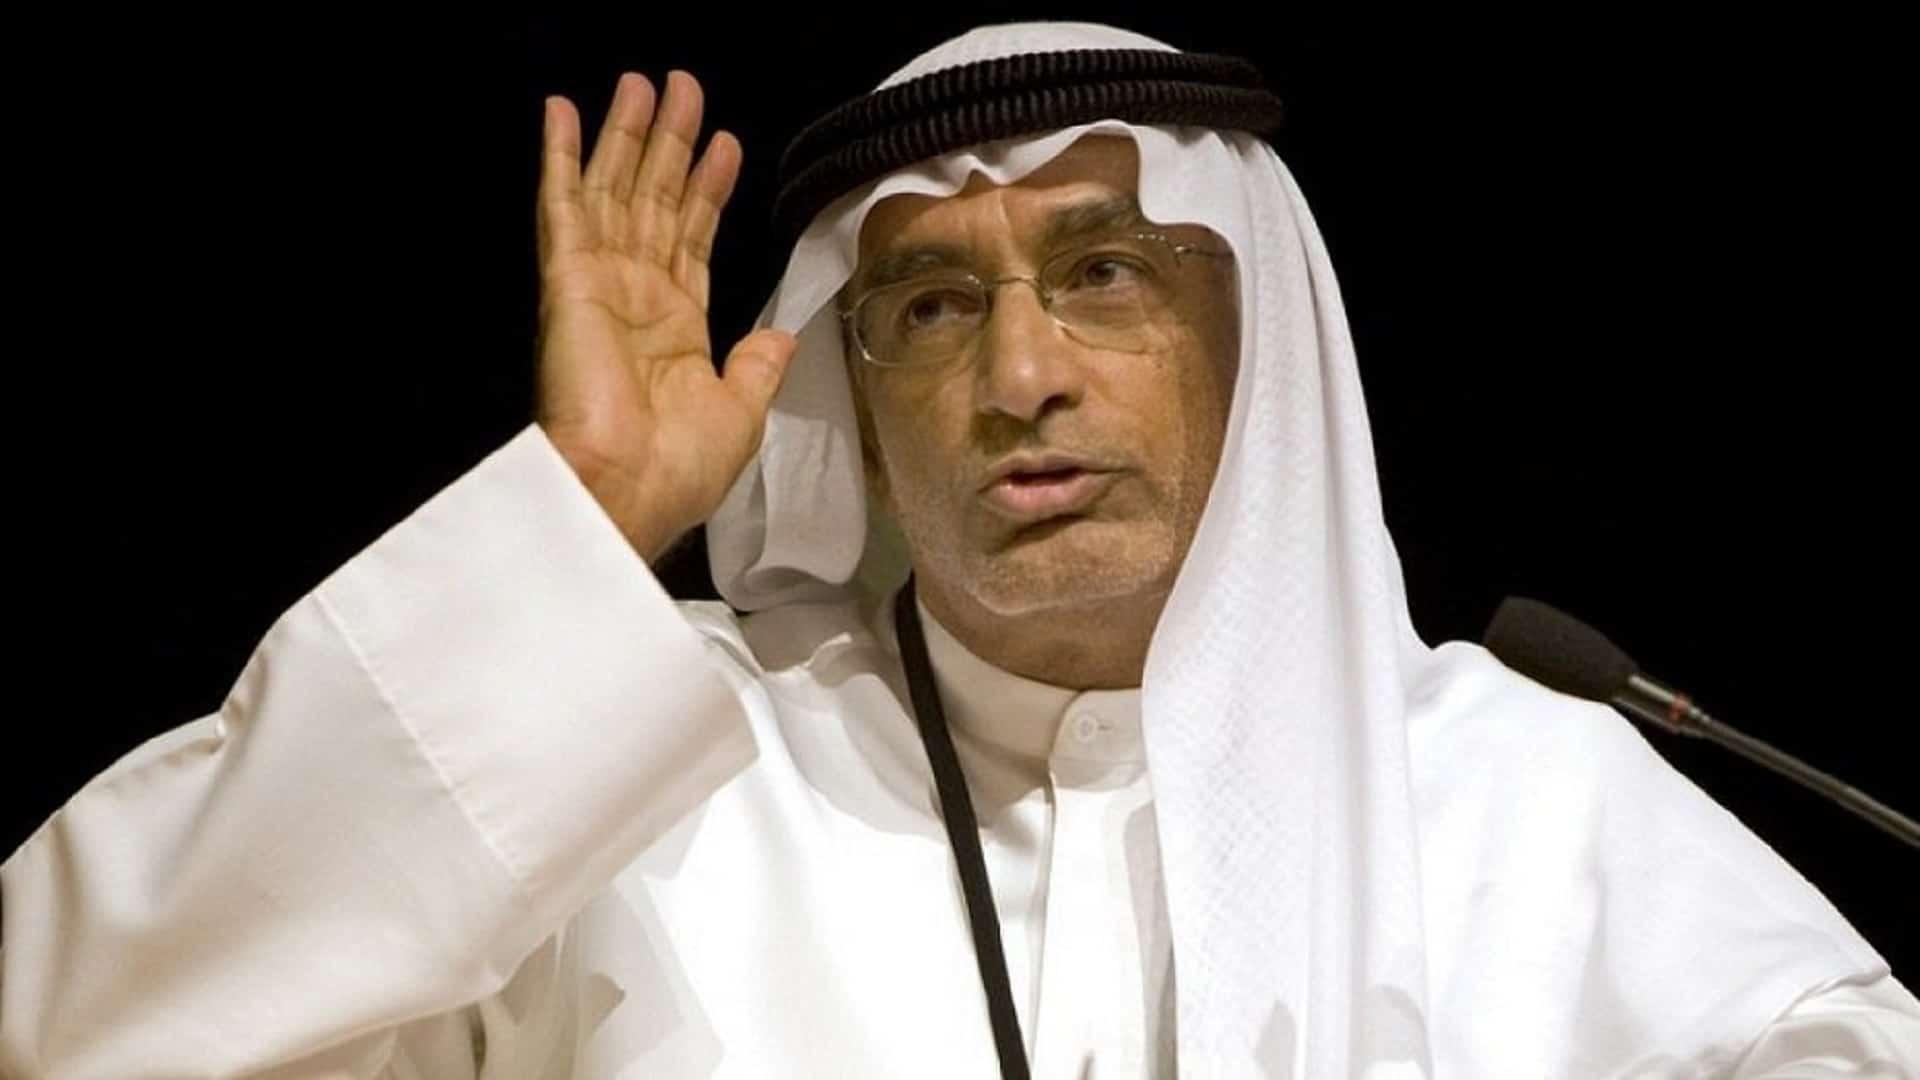 عبدالخالق عبدالله ينتقد مفتي سلطنة عمان